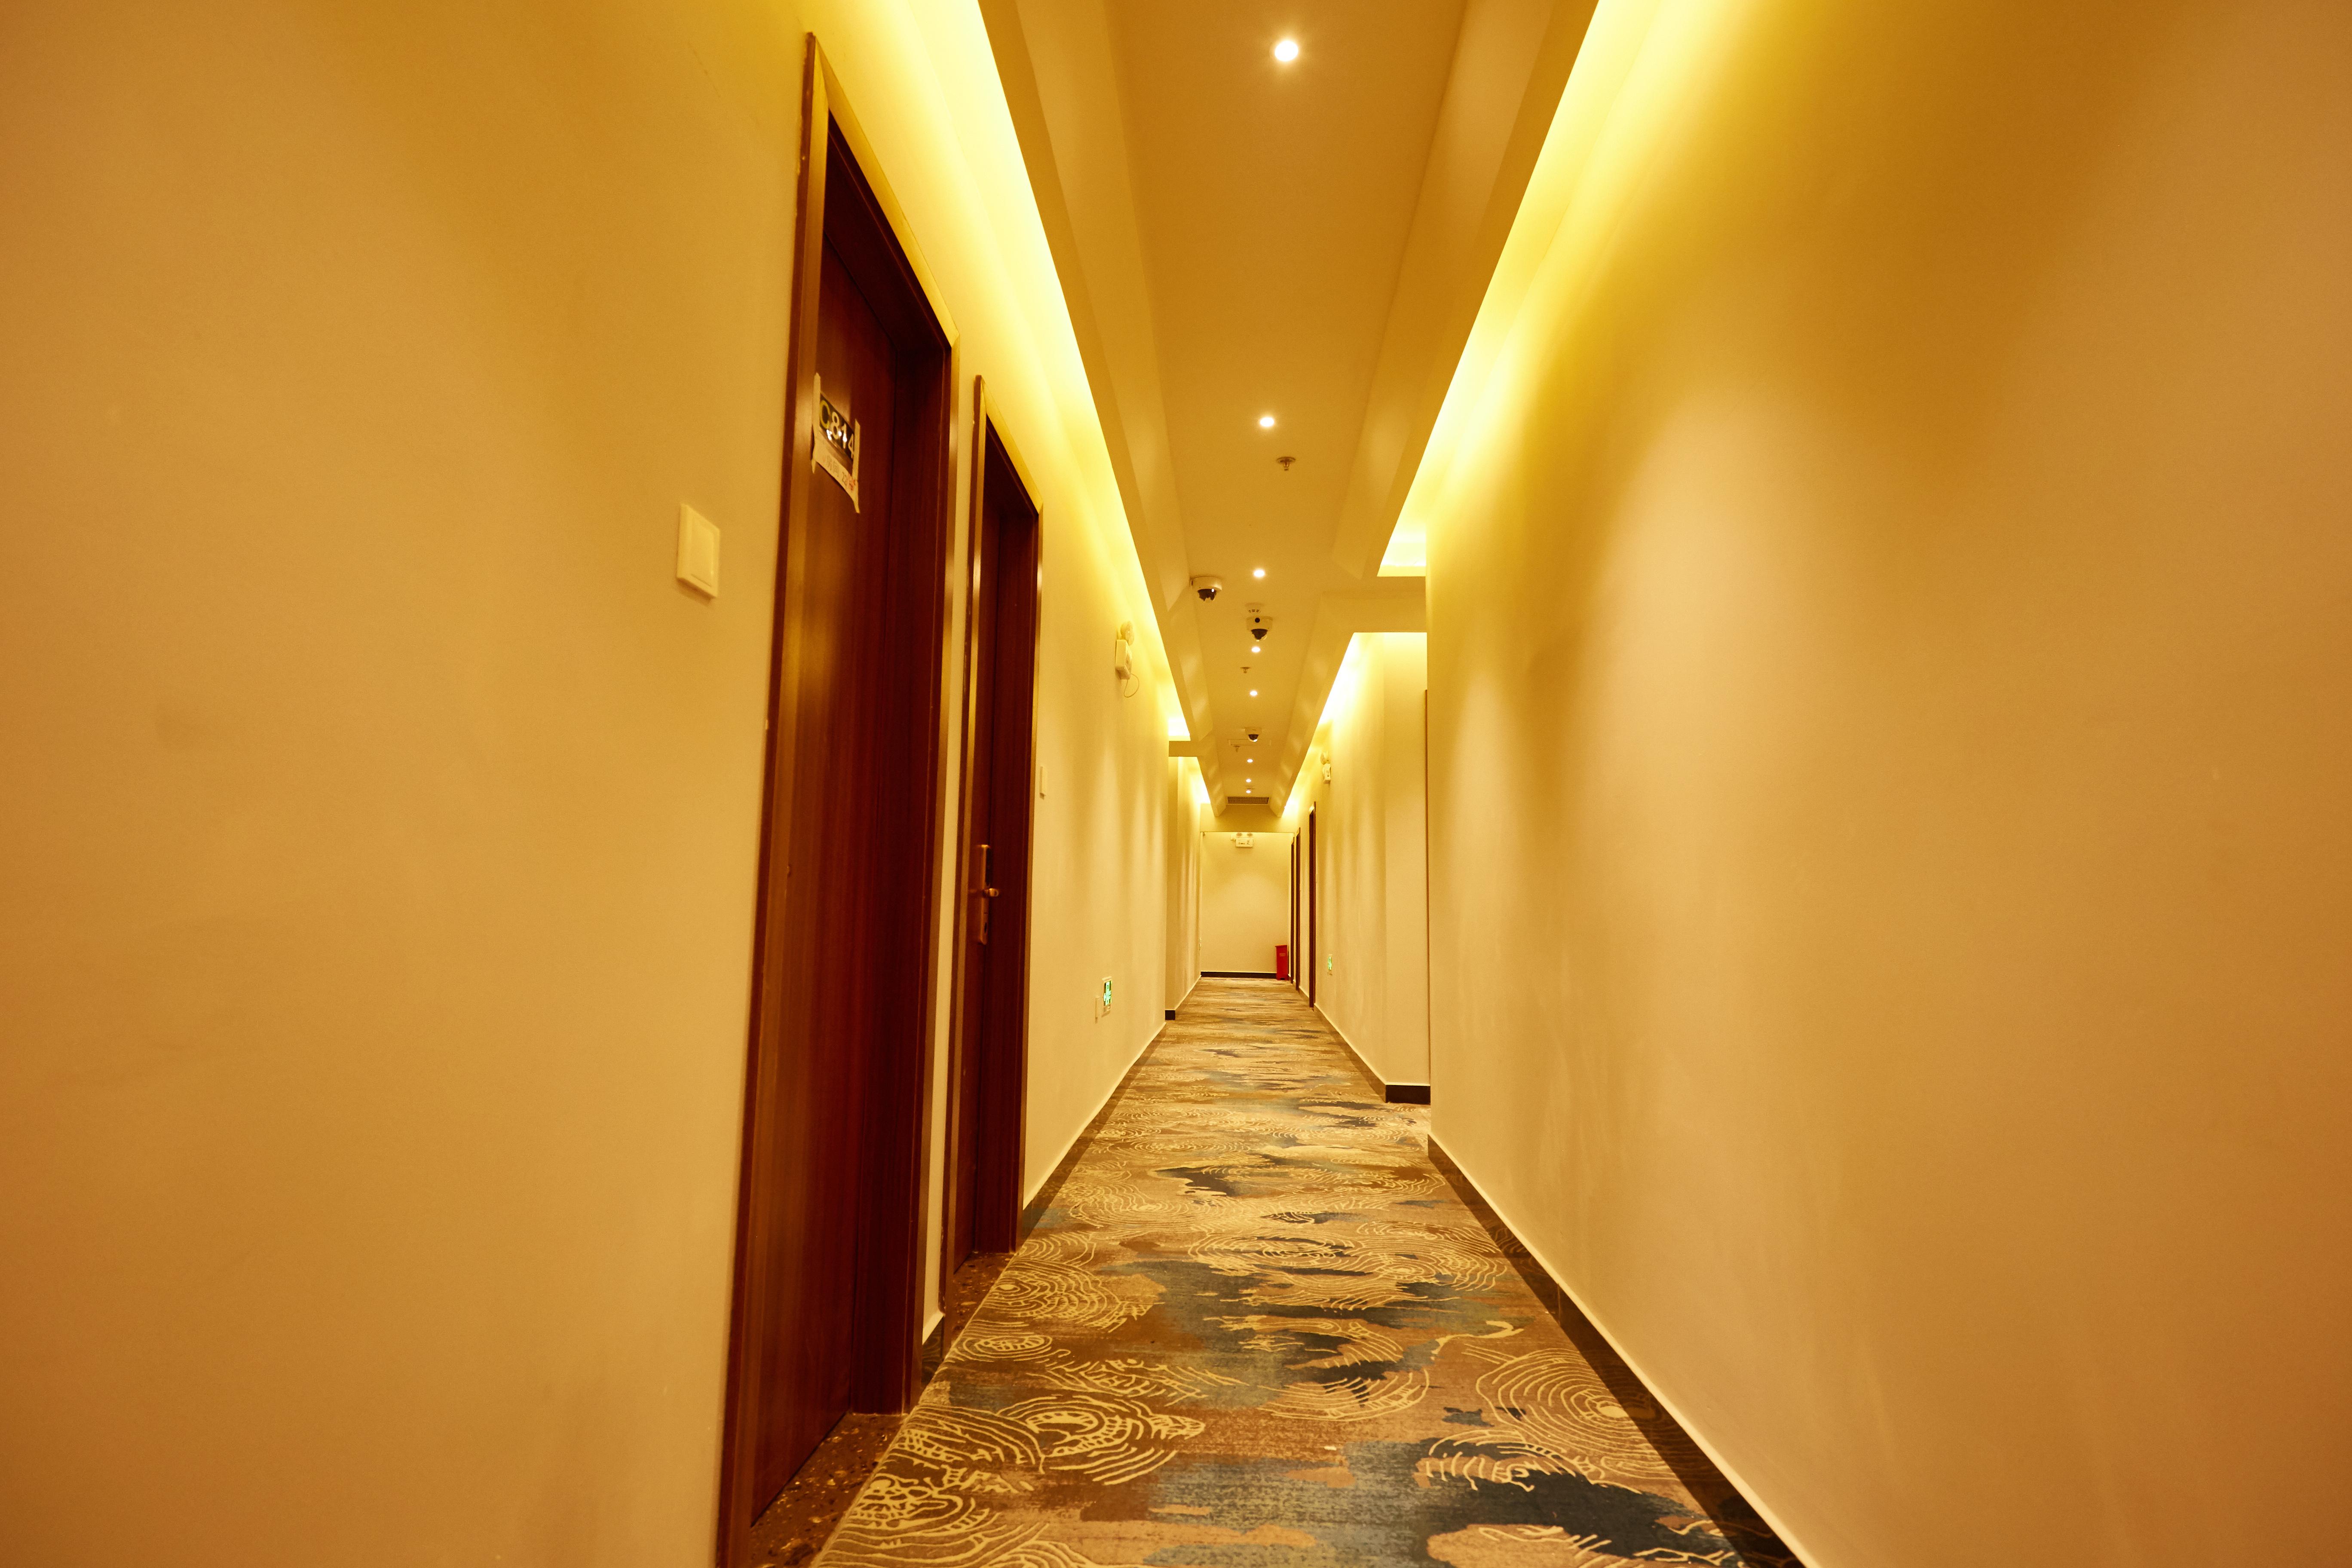 HOSTEL - Meego Youth Hotel